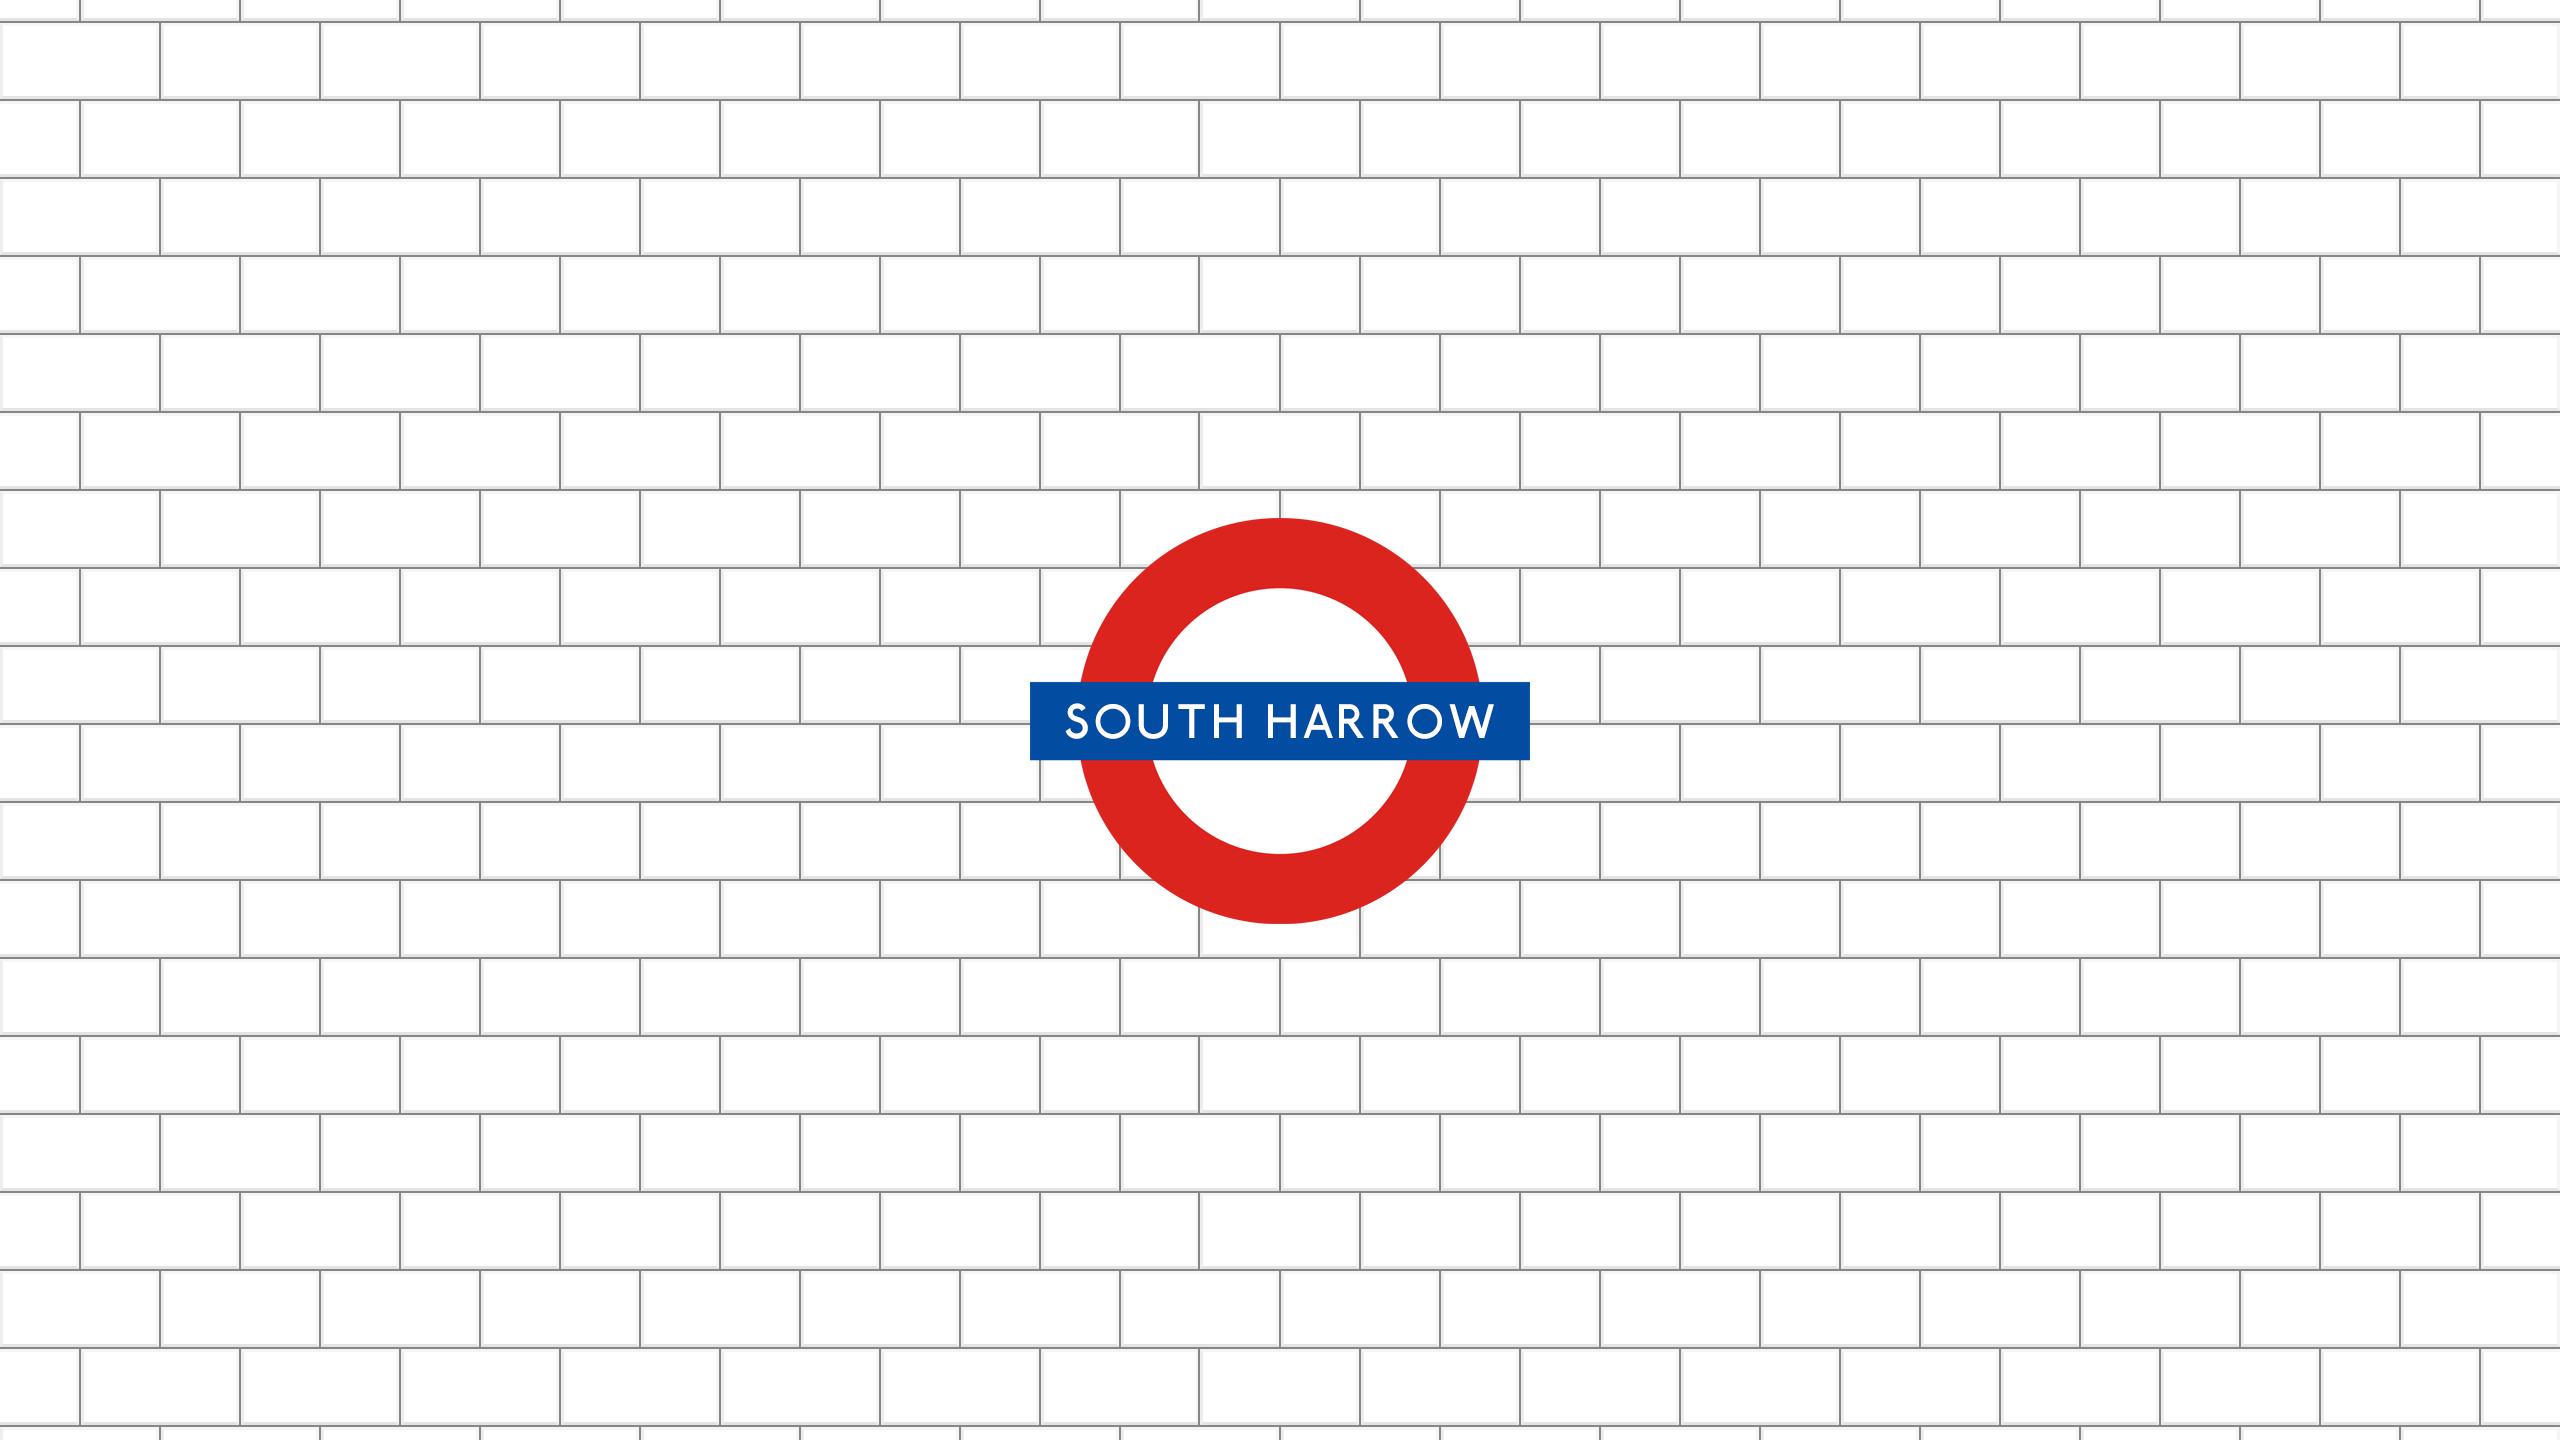 South Harrow